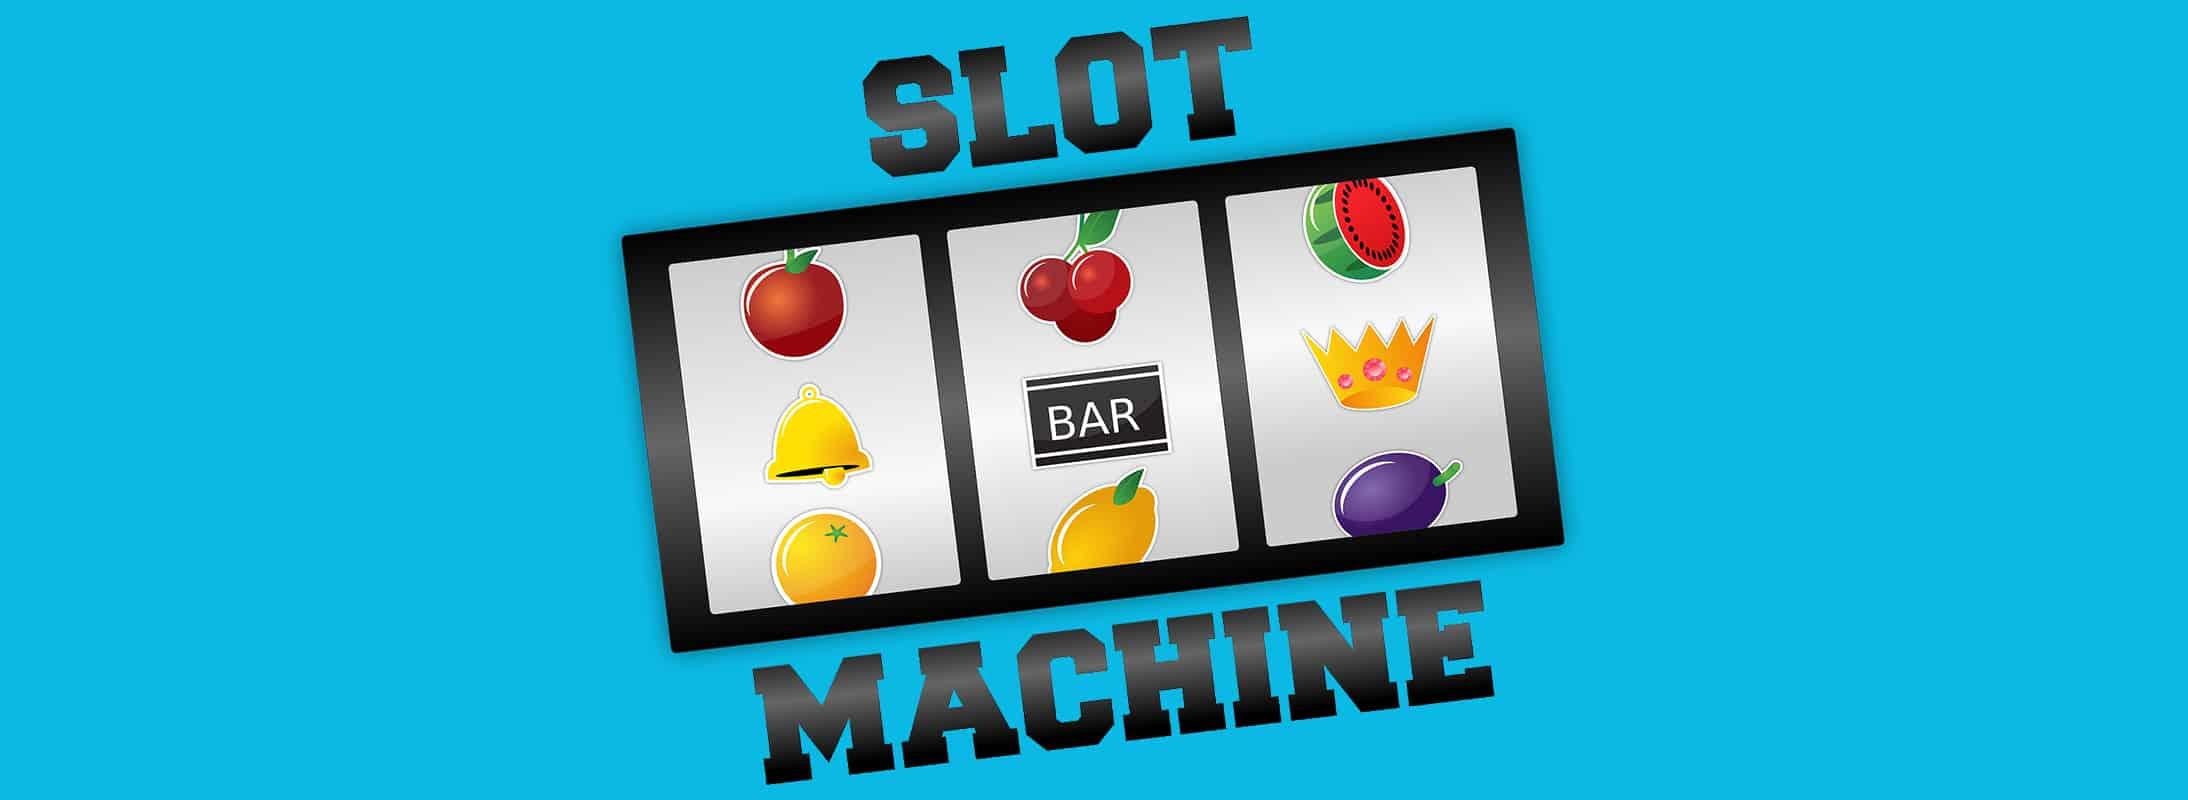 Die Geschichte der Spielautomaten element01 - CasinoTop